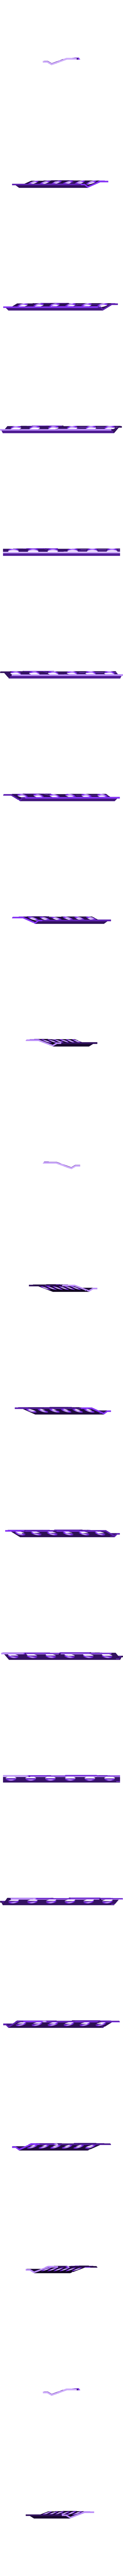 coil_cover.stl Télécharger fichier STL gratuit EPIC 6 stage coilgun • Objet pour impression 3D, Gyro